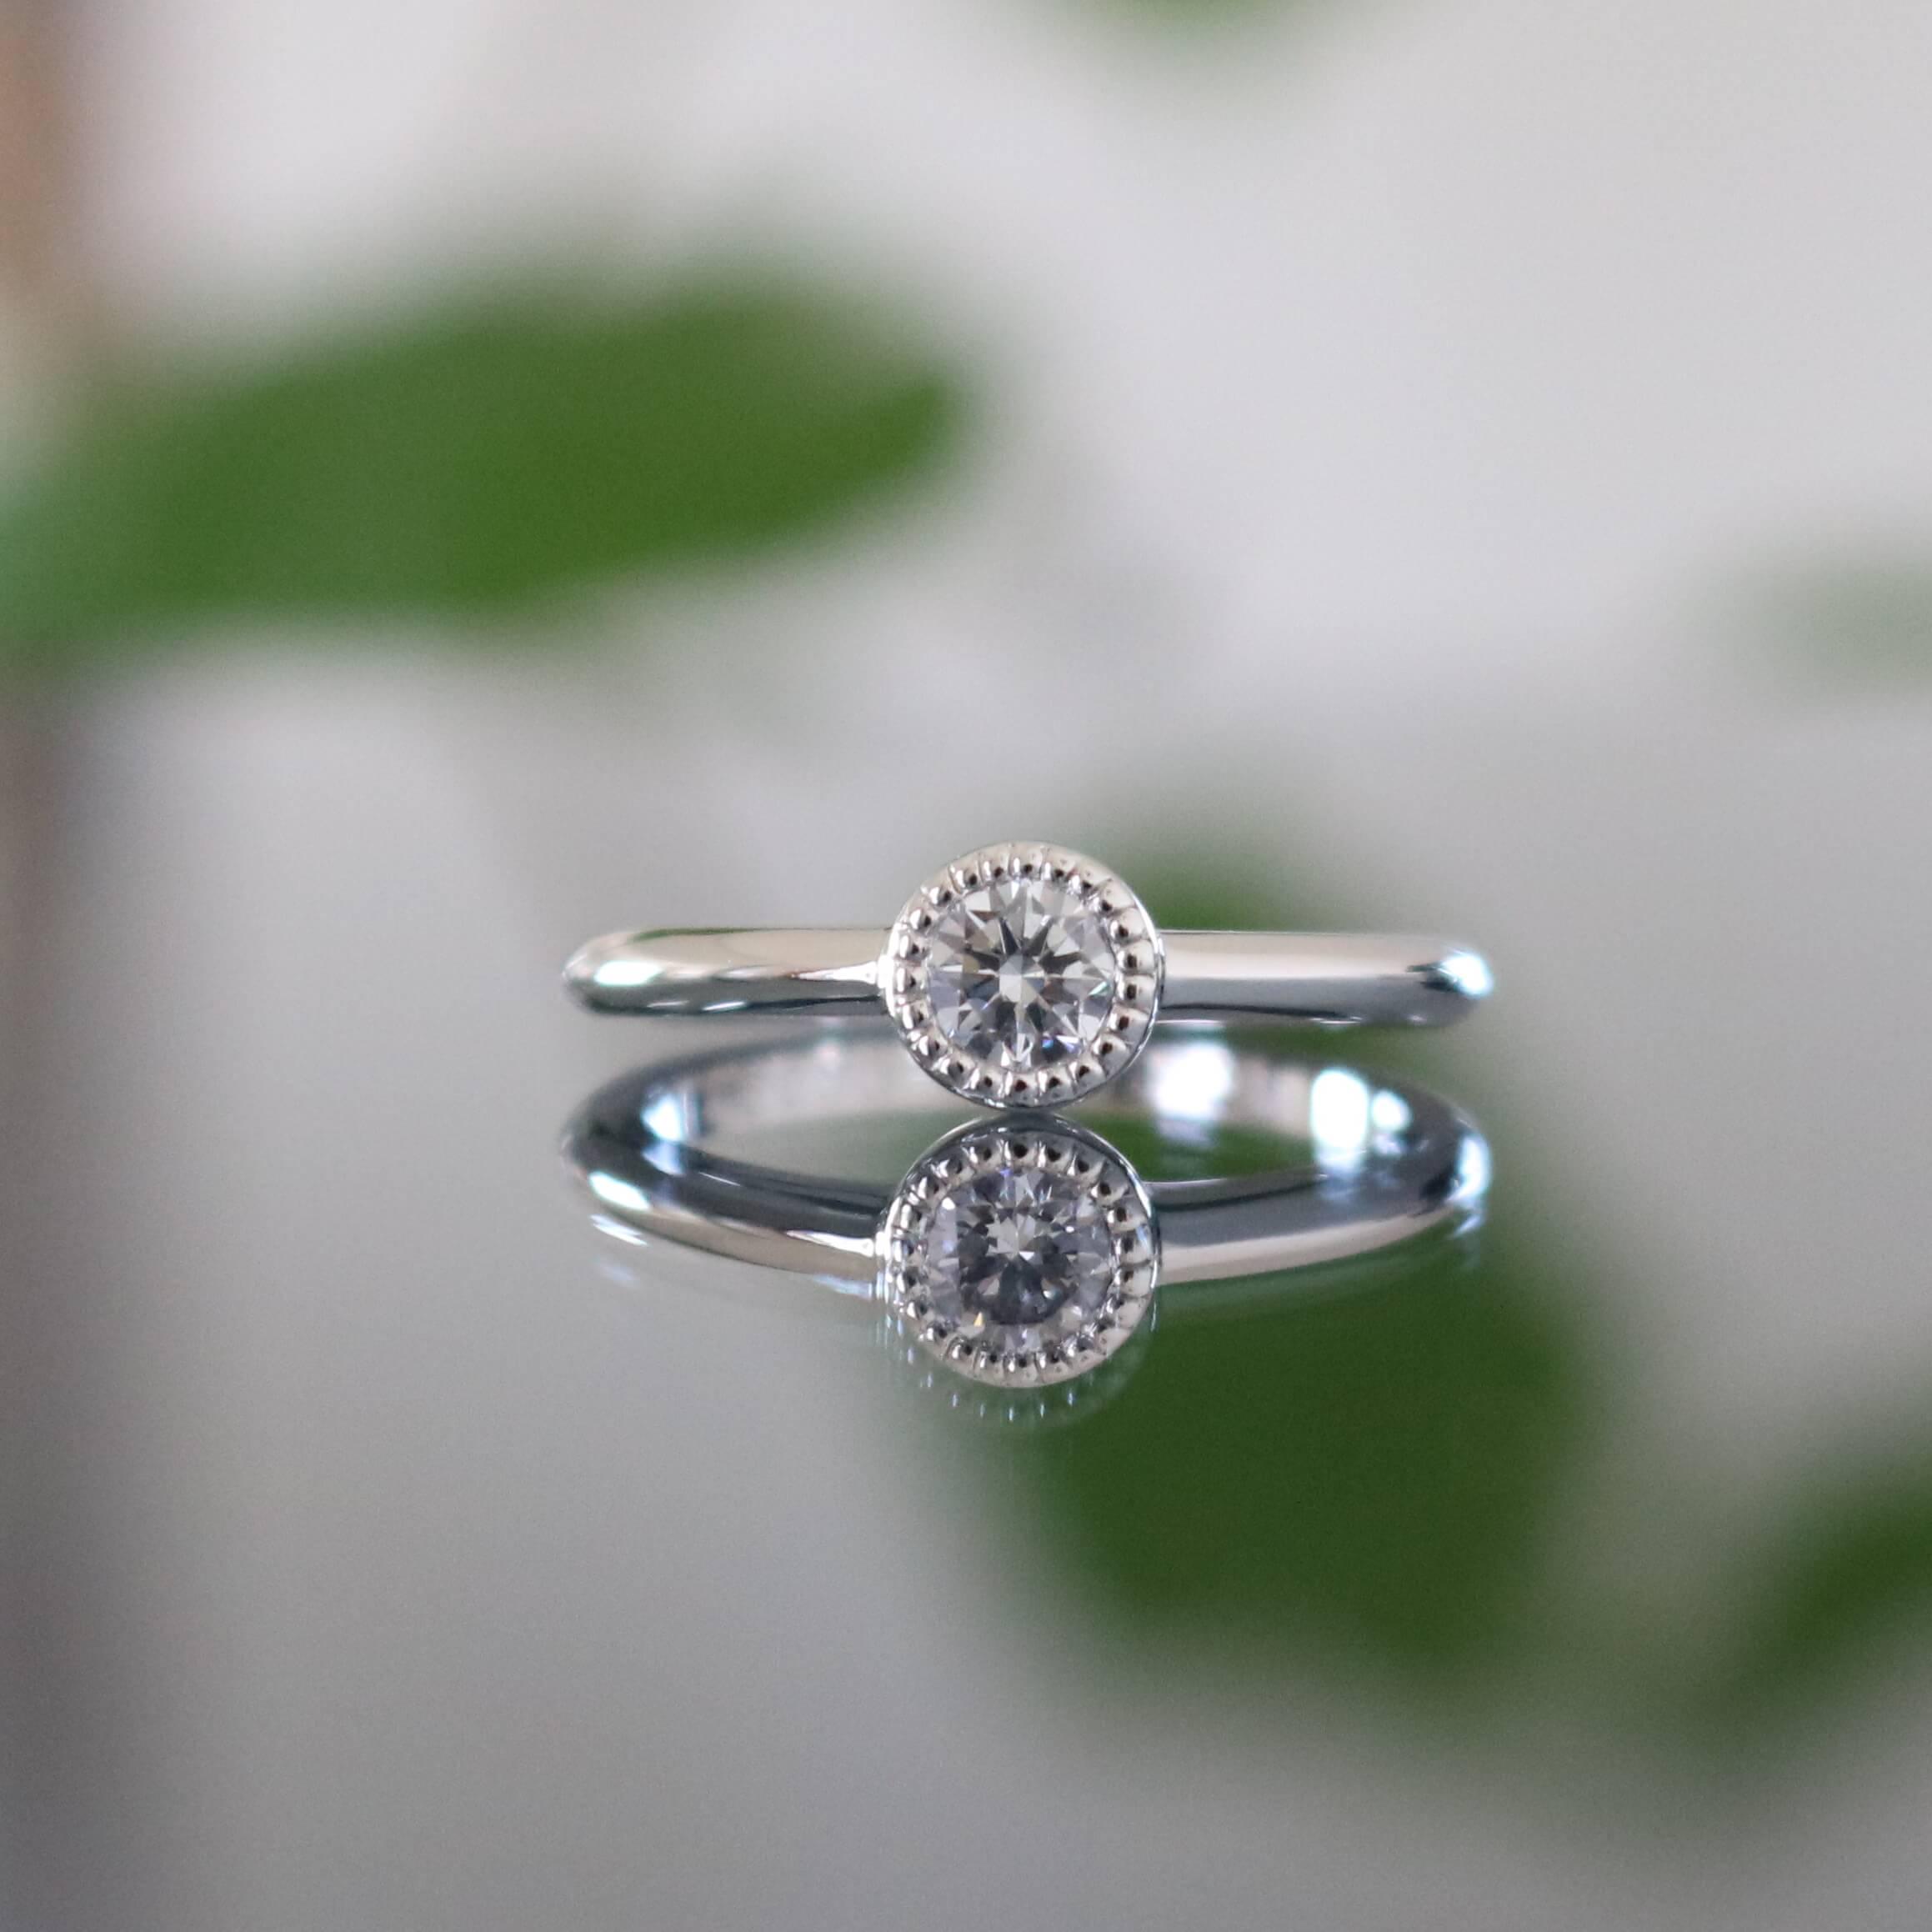 ダイヤモンドをあしらった婚約指輪